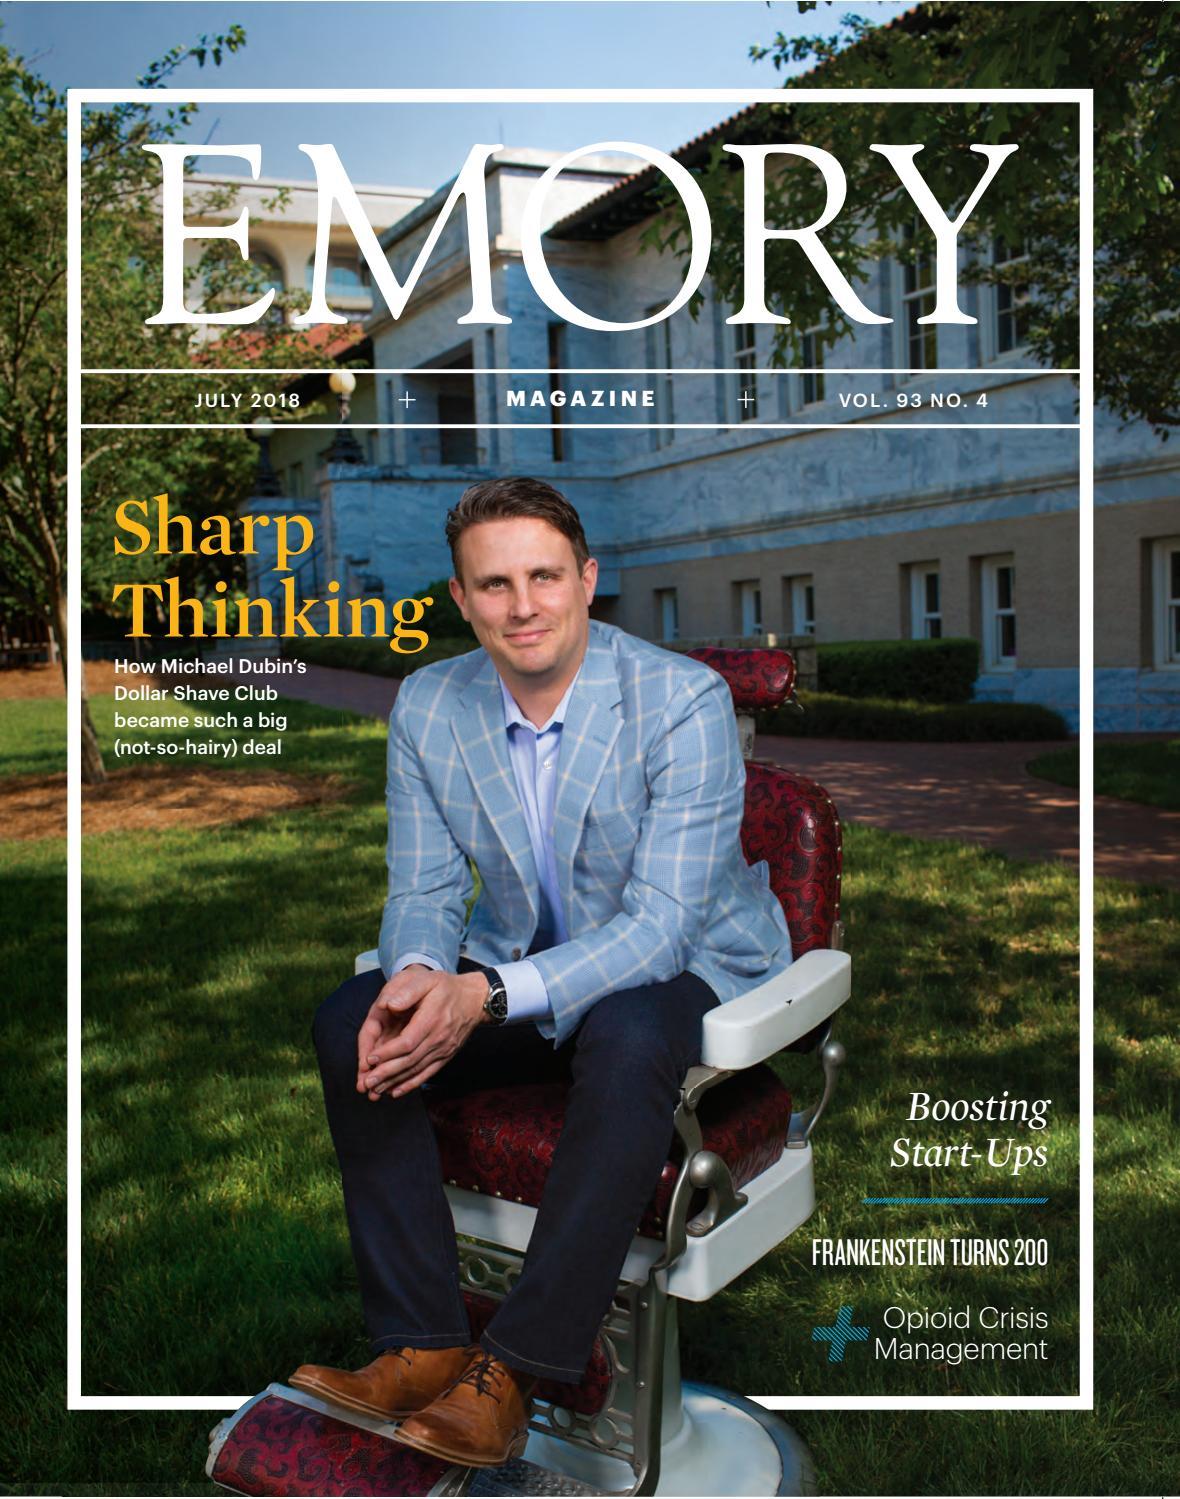 Emory Magazine / July 2018 by Emory University - issuu